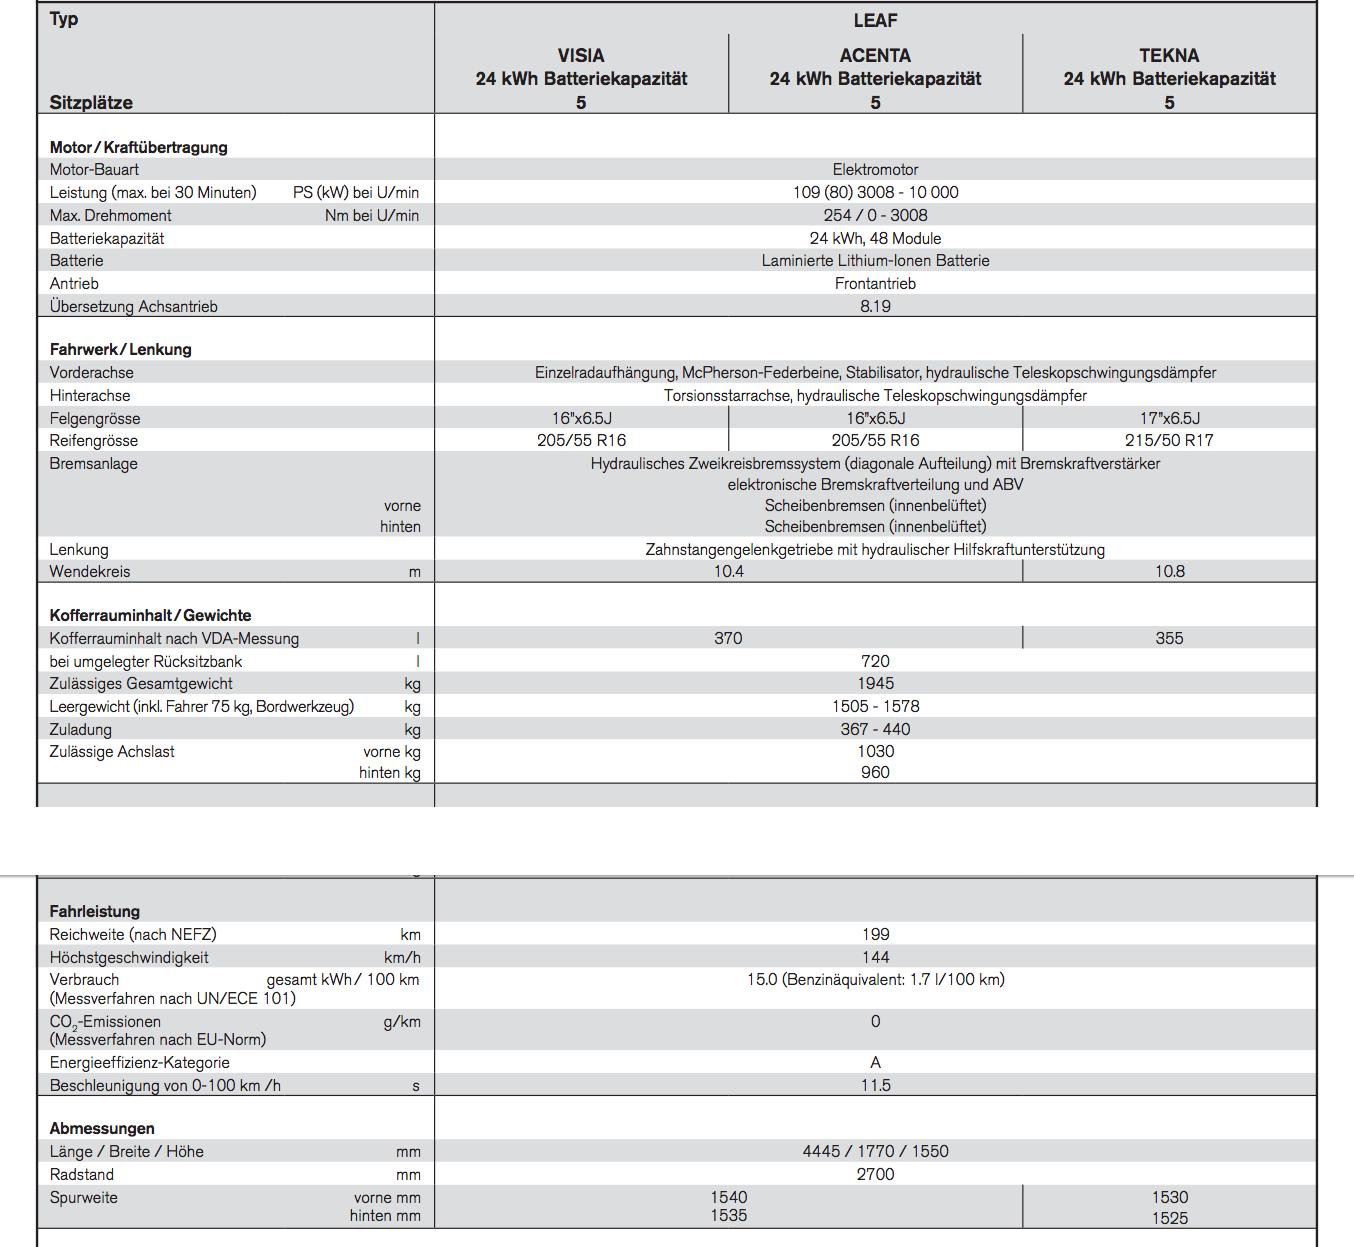 Technische Daten Leaf 1